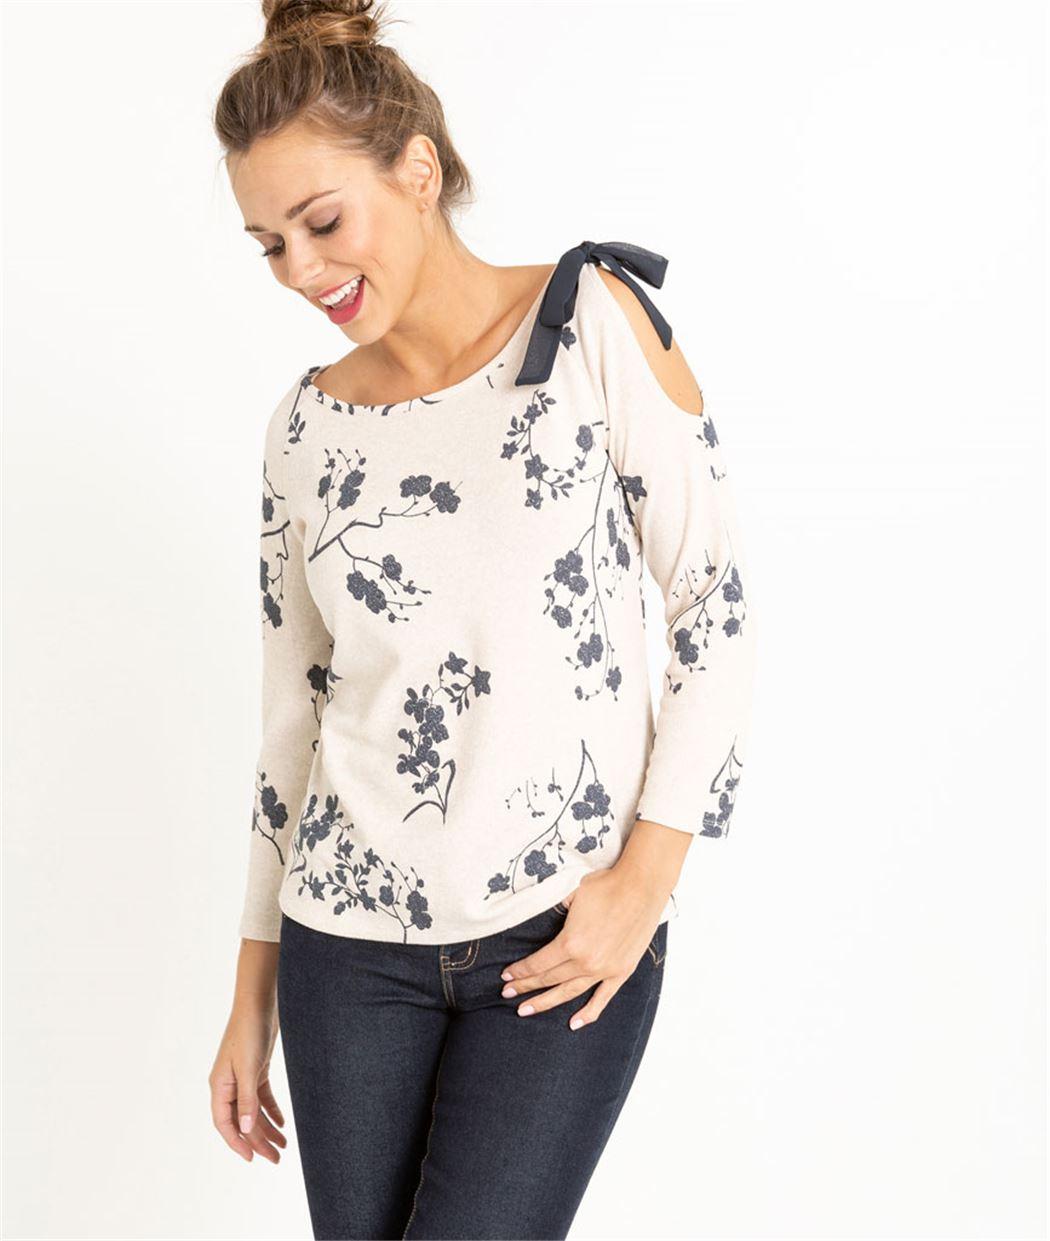 T-shirt femme épaule ouverte et noeud BEIGE